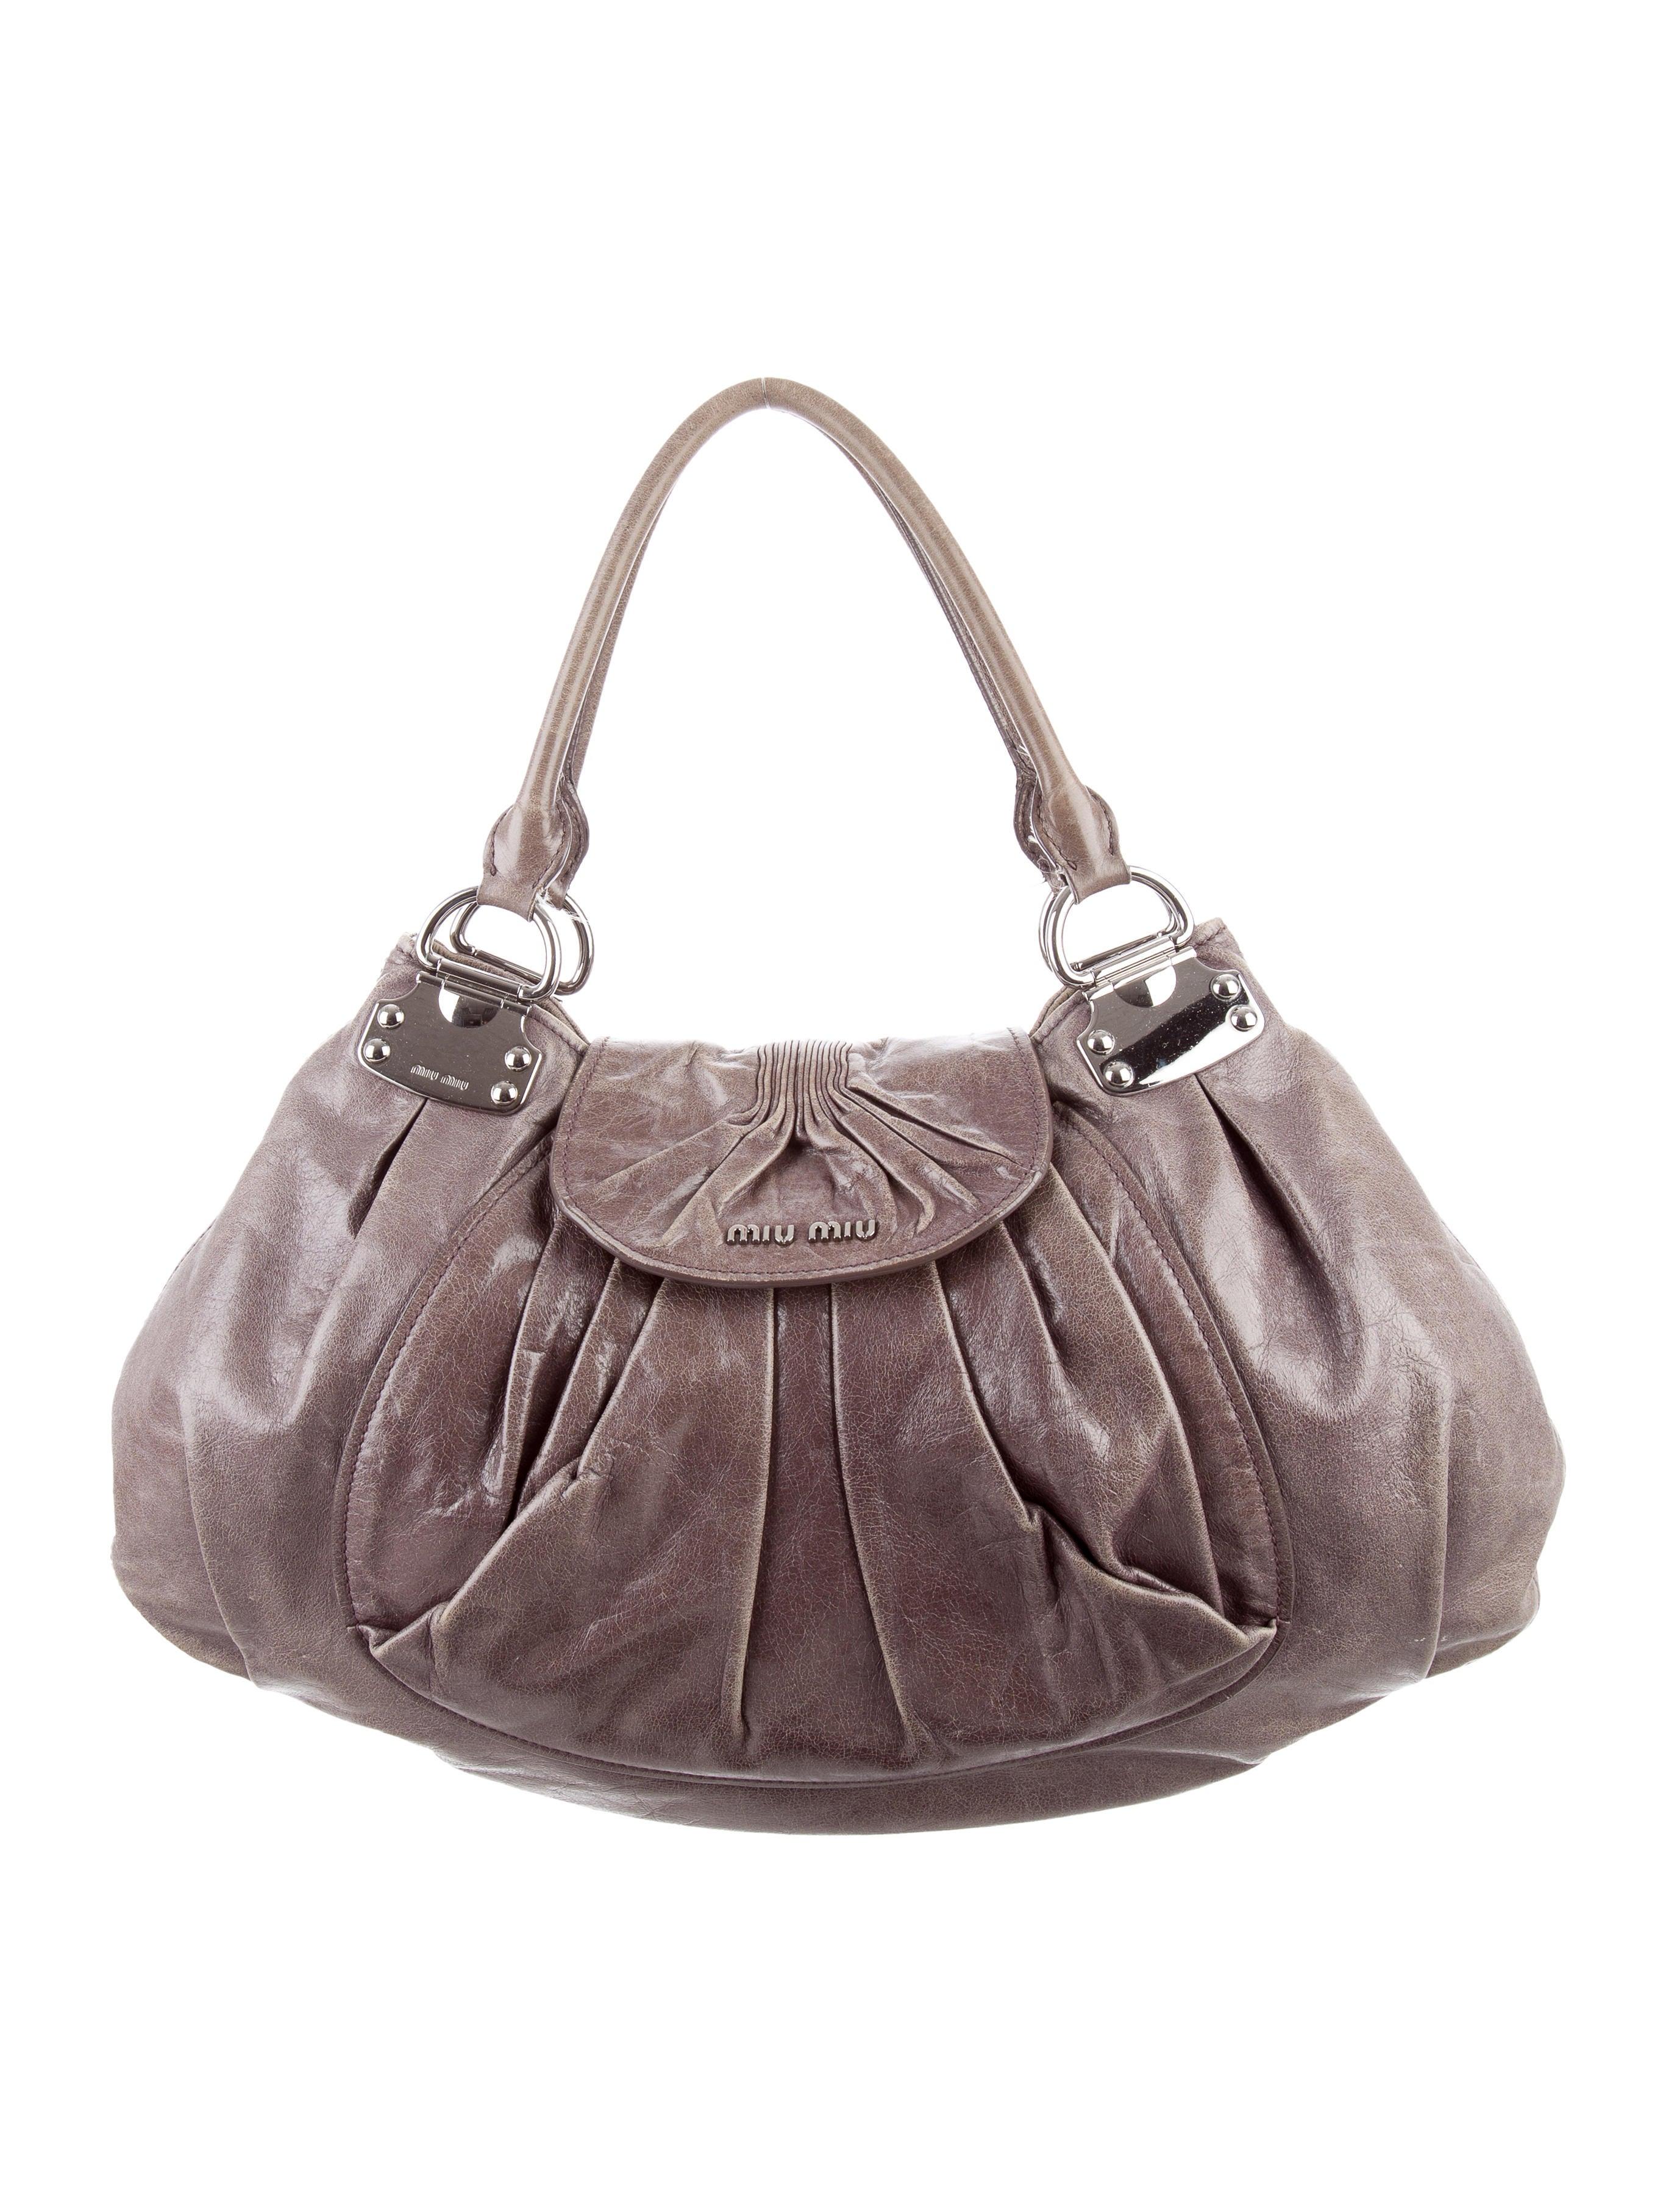 a62051d4015 Miu Miu Nappa Antik Shoulder Bag - Handbags - MIU48950